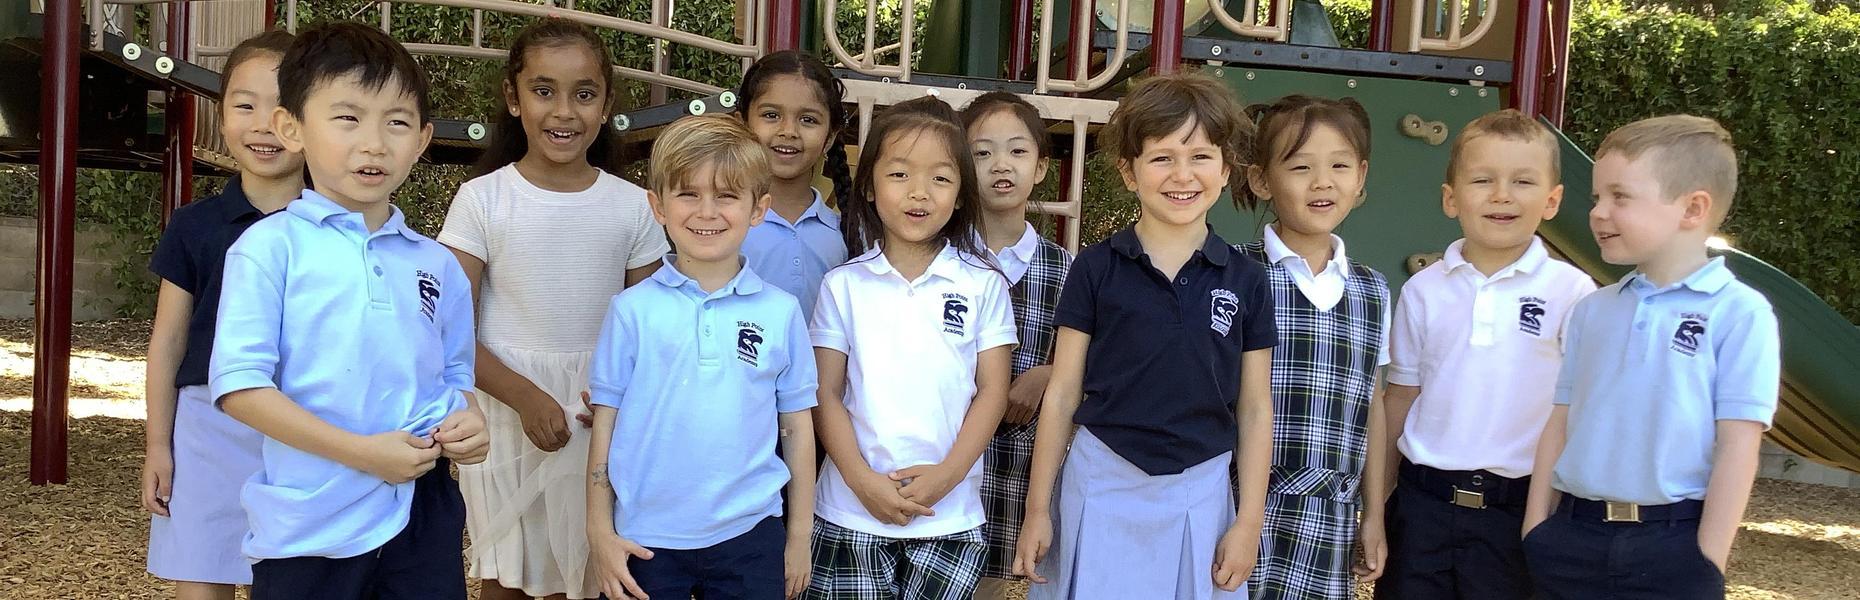 High Point Academy Kindergarten class.